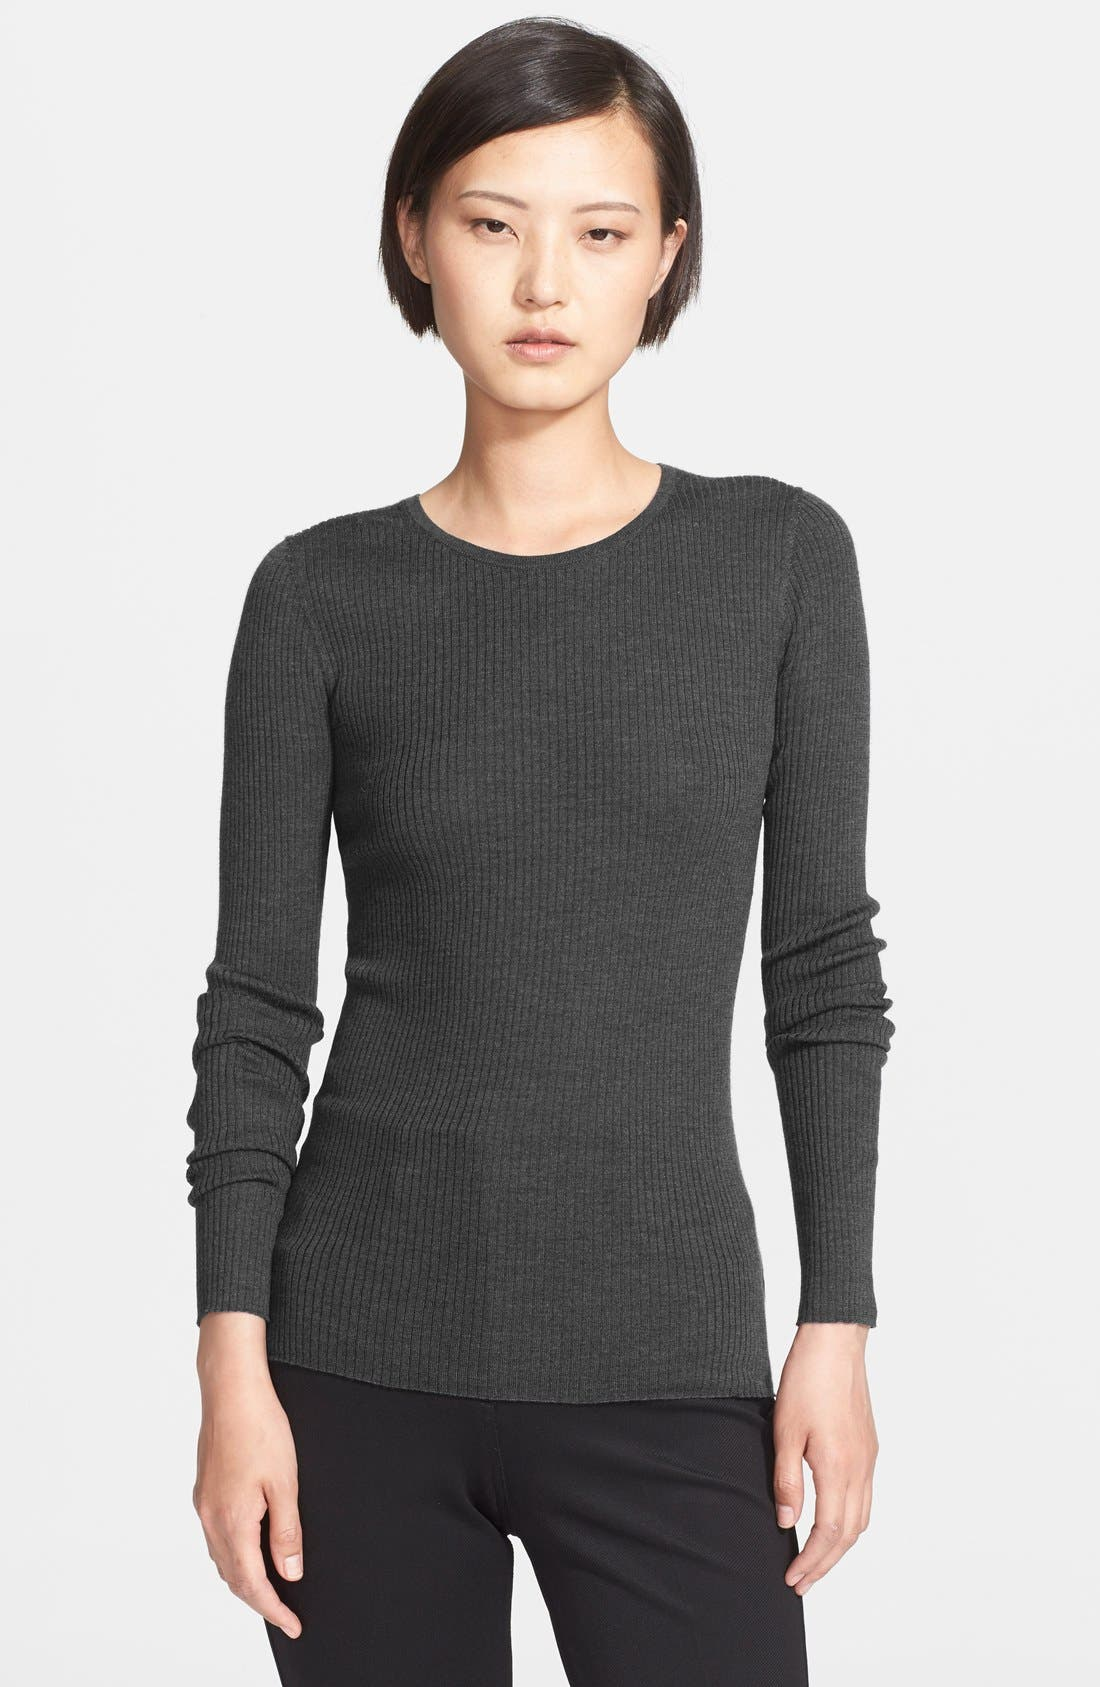 Alternate Image 1 Selected - Theory 'Mirzi' Rib Knit Merino Wool Sweater